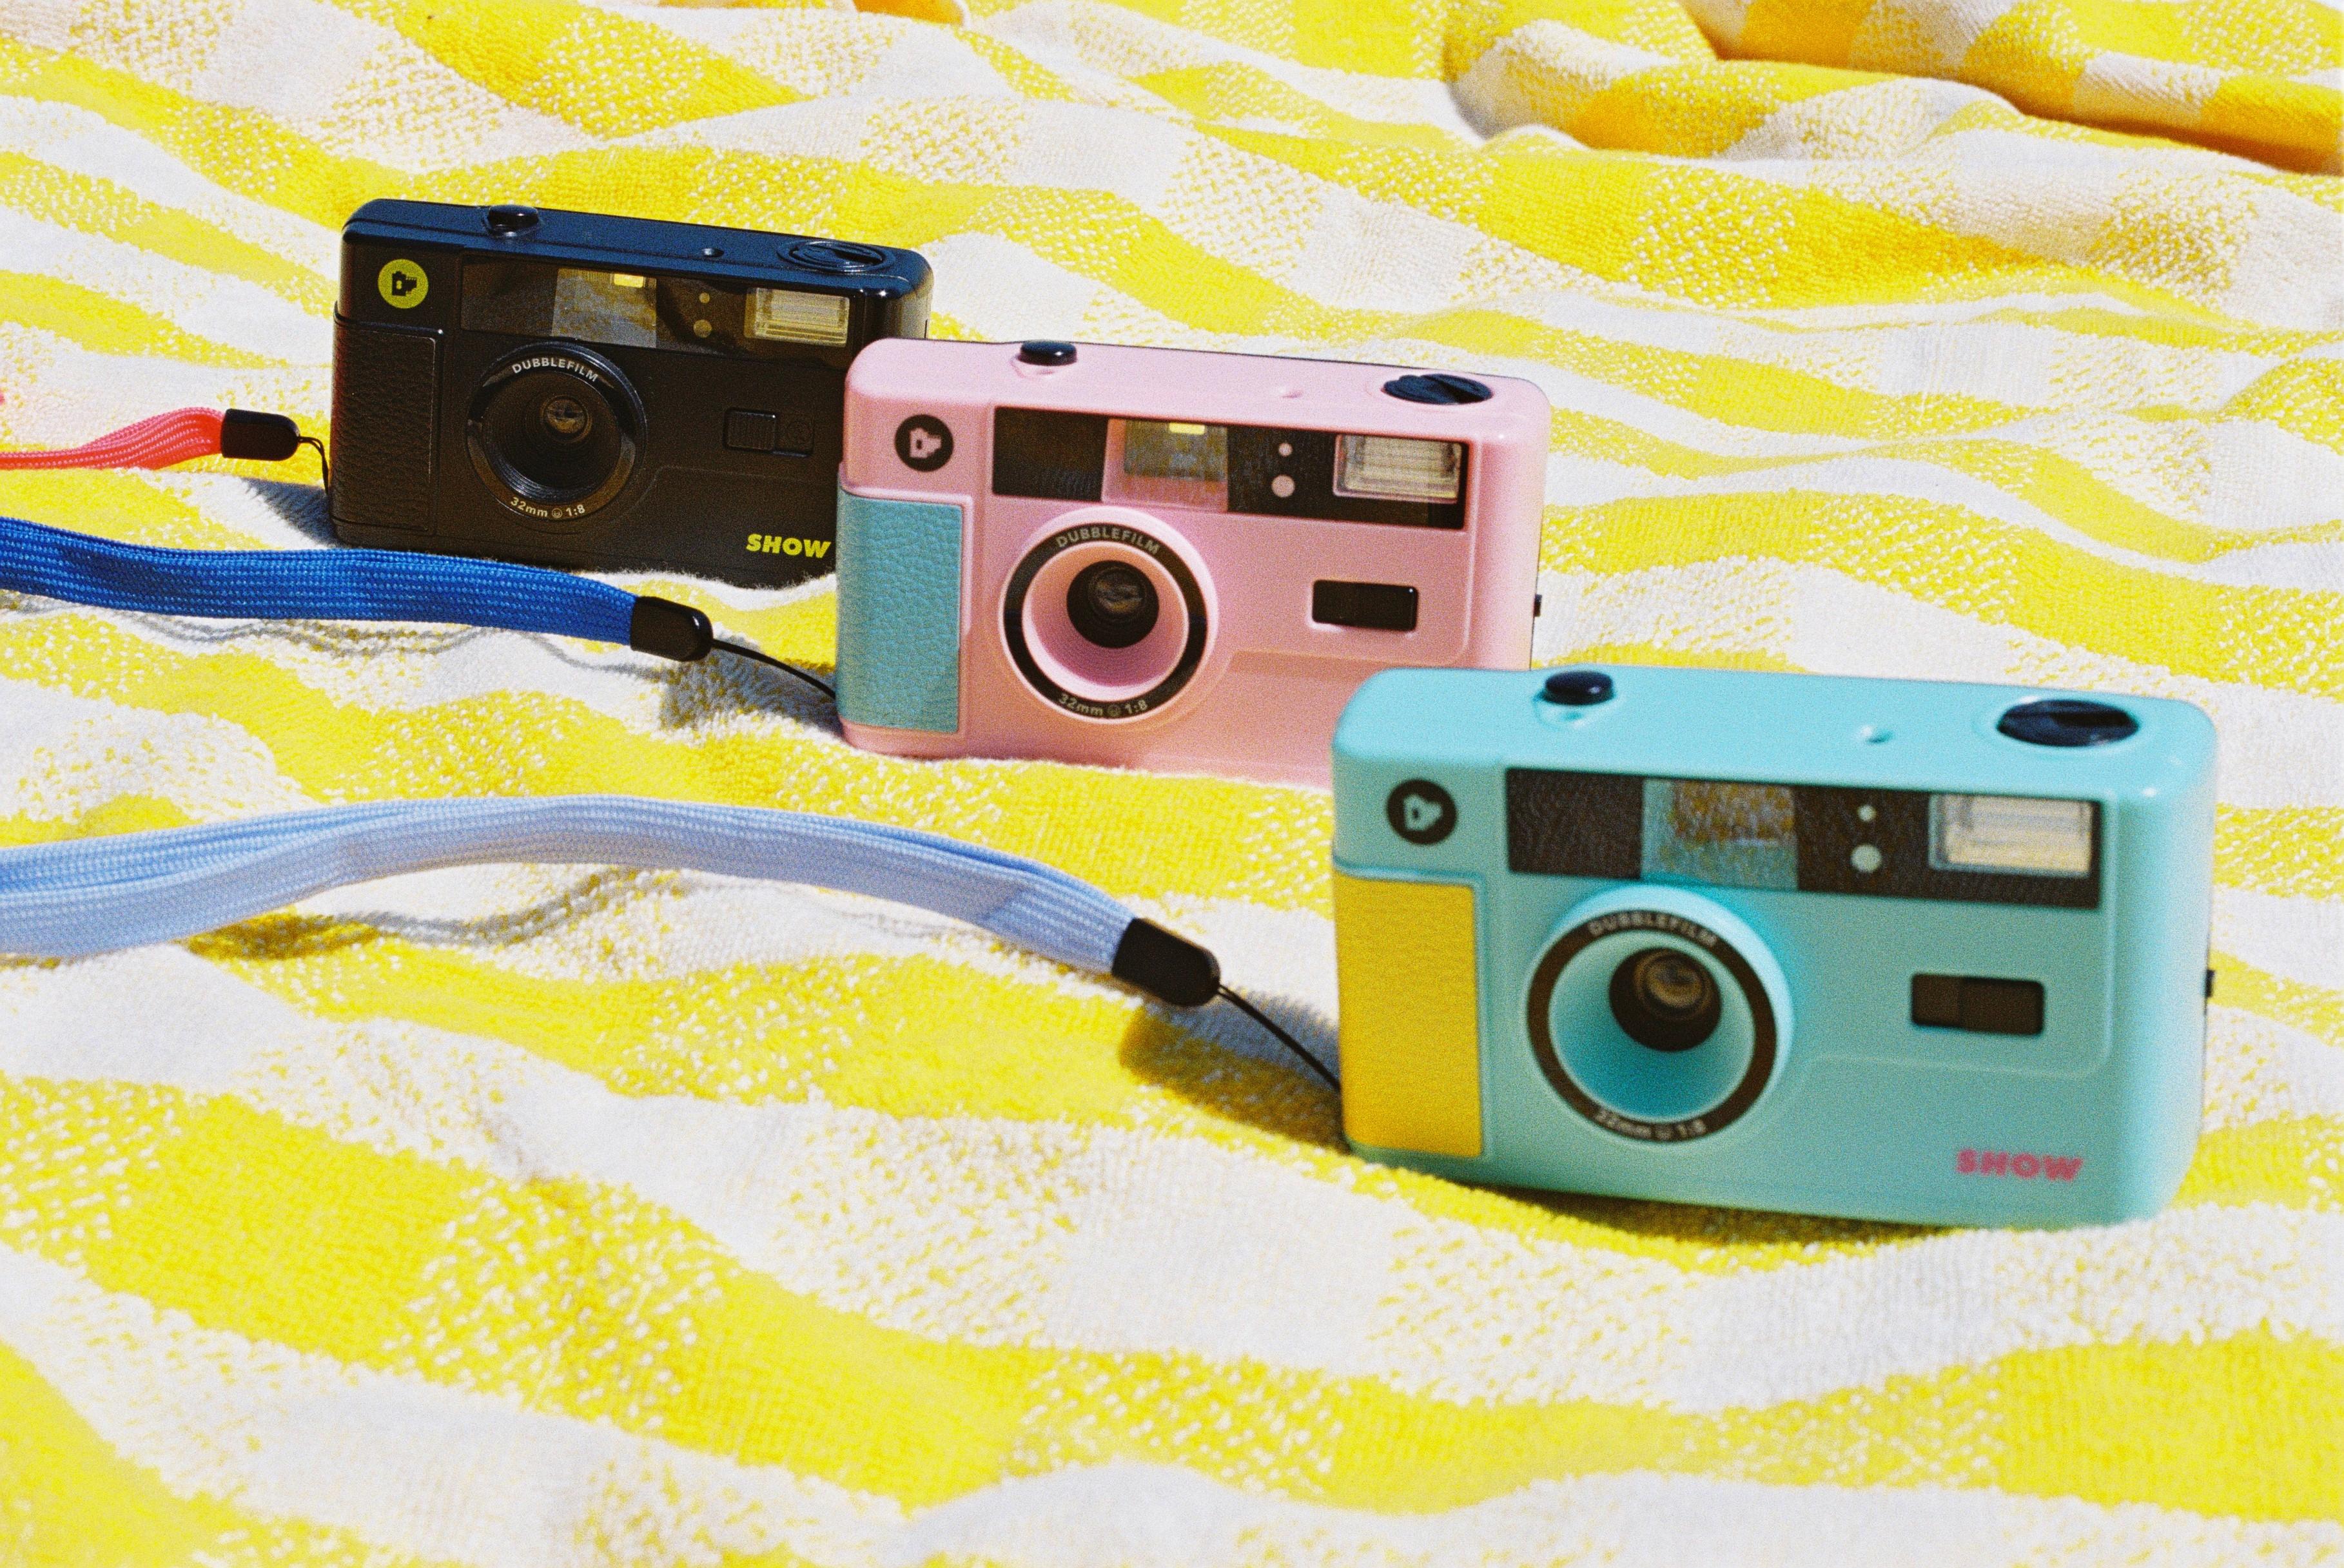 Dubblefilm SHOW cameras (Pic: Dubblefilm)